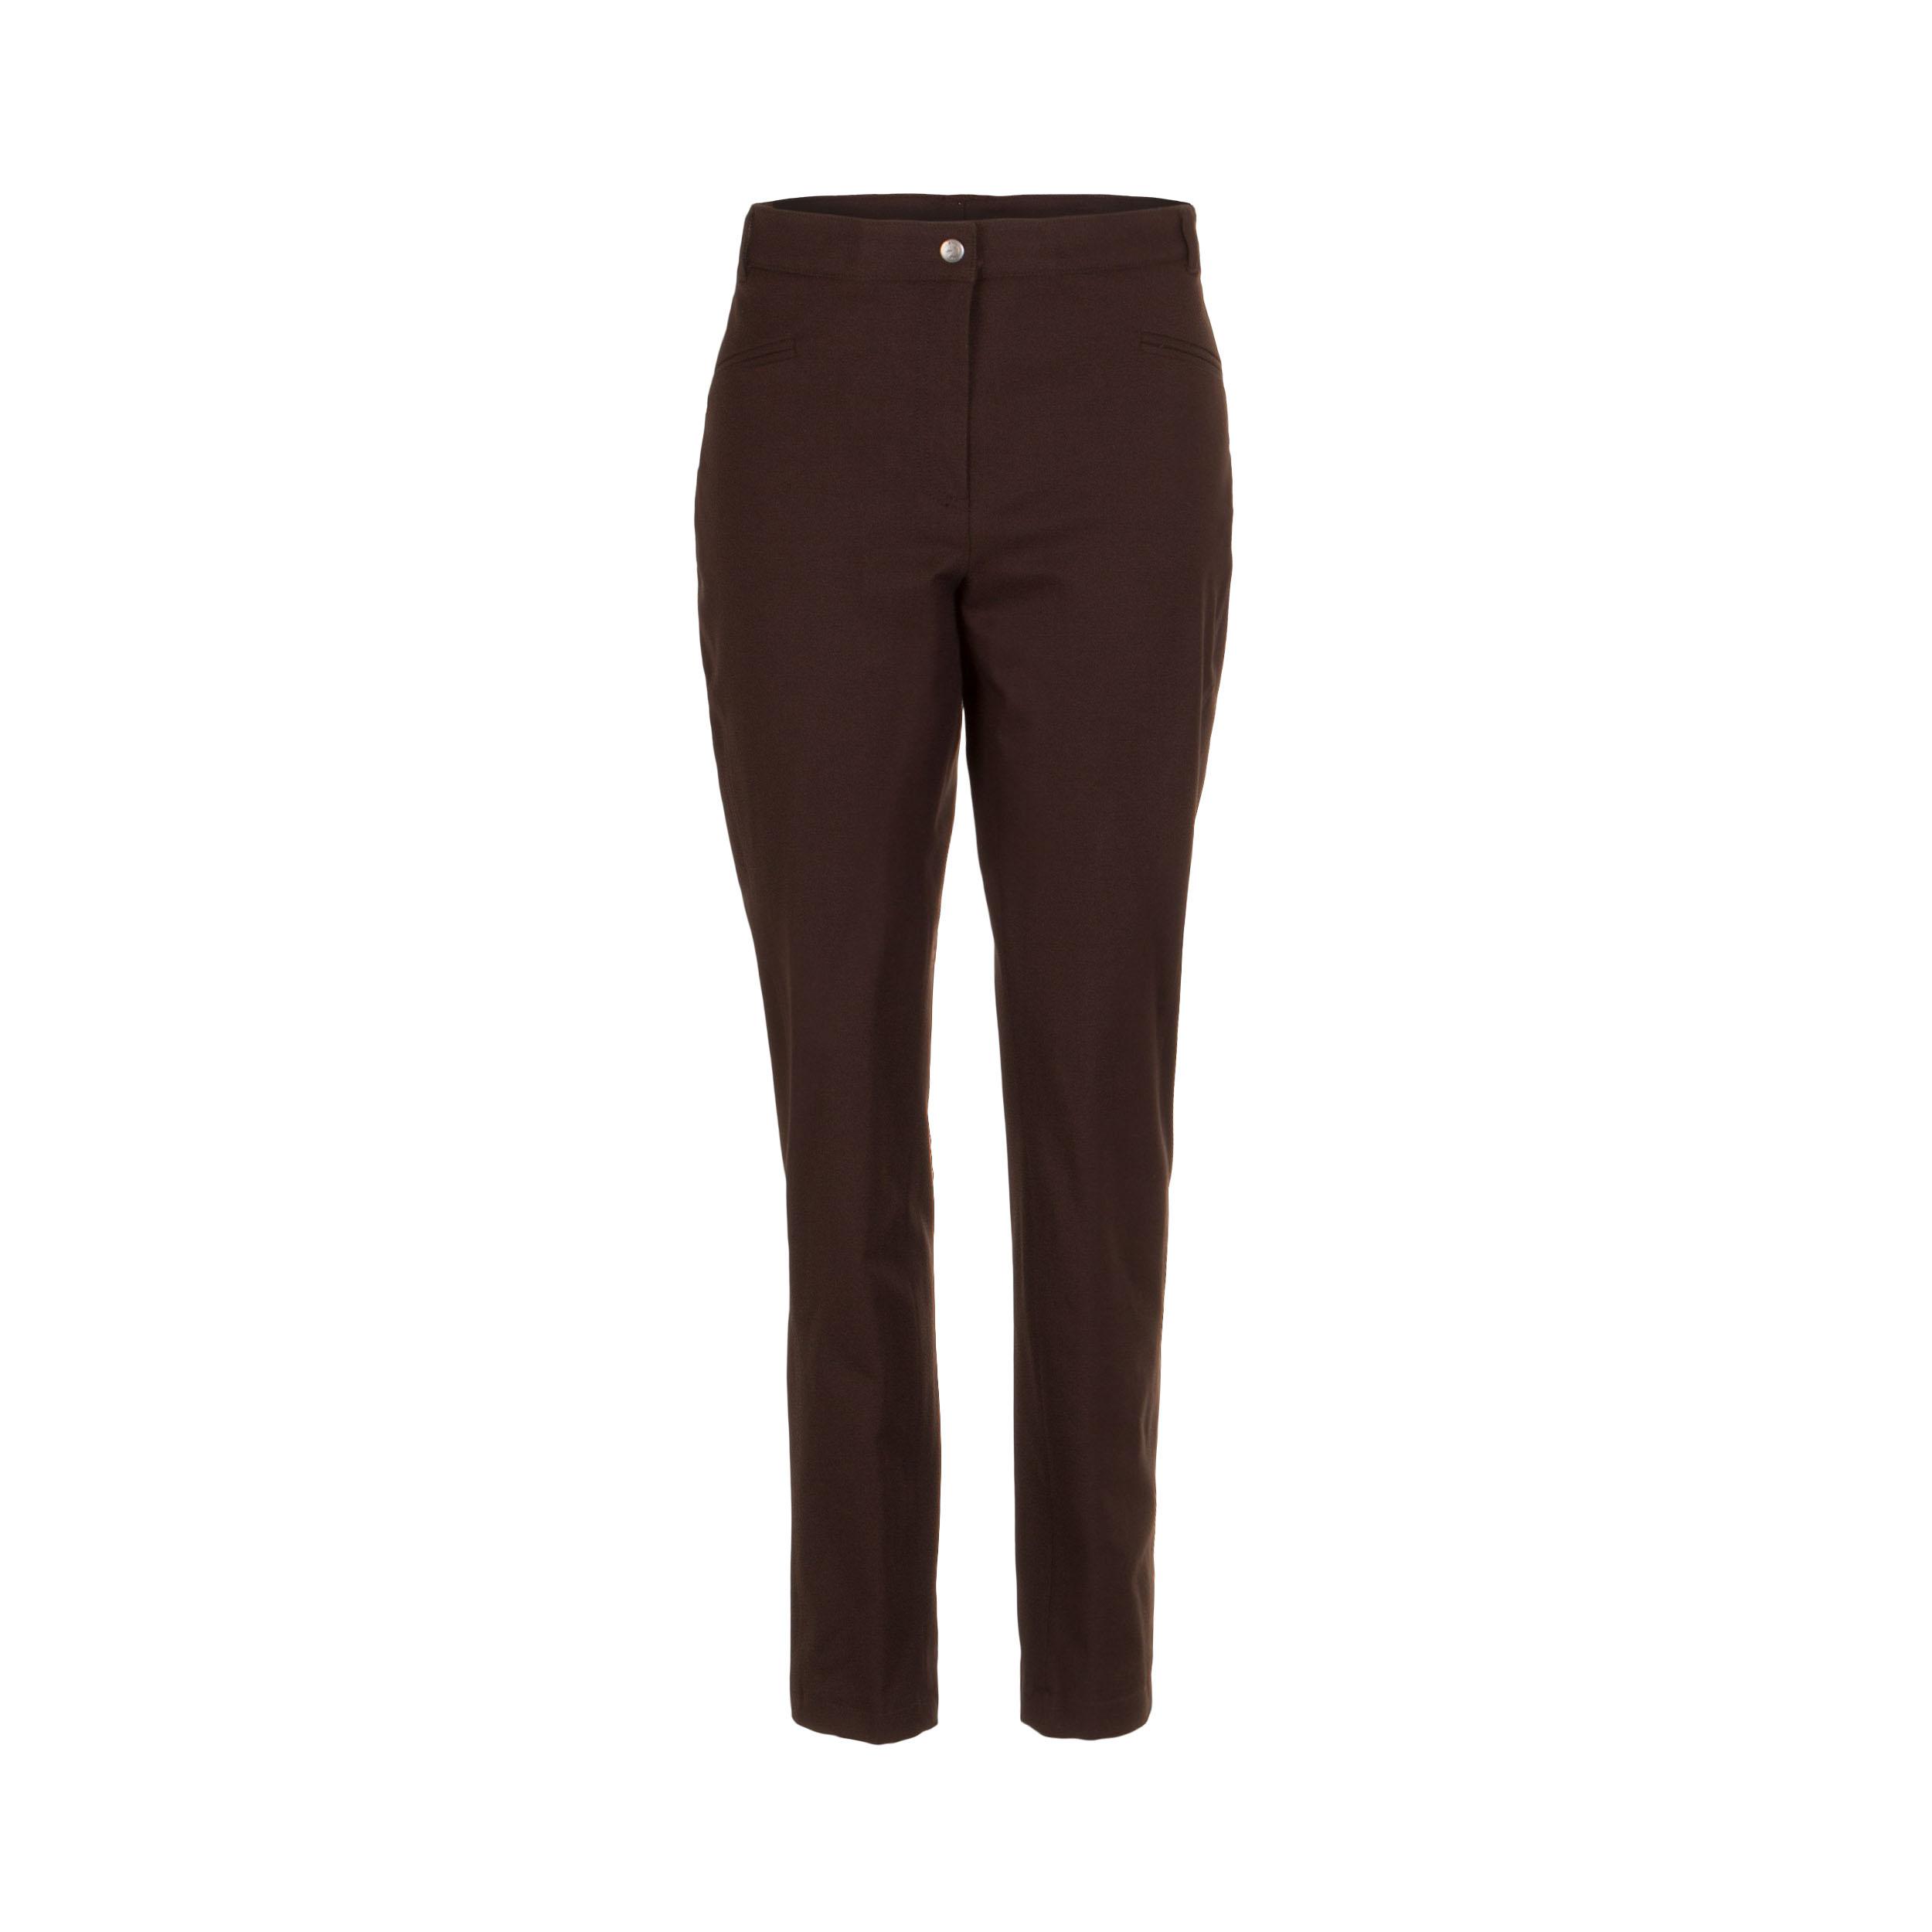 Hosen für Frauen - Pamela Henson Damen Hose BUCKLEY braun Gr. 46  - Onlineshop Luxury Loft